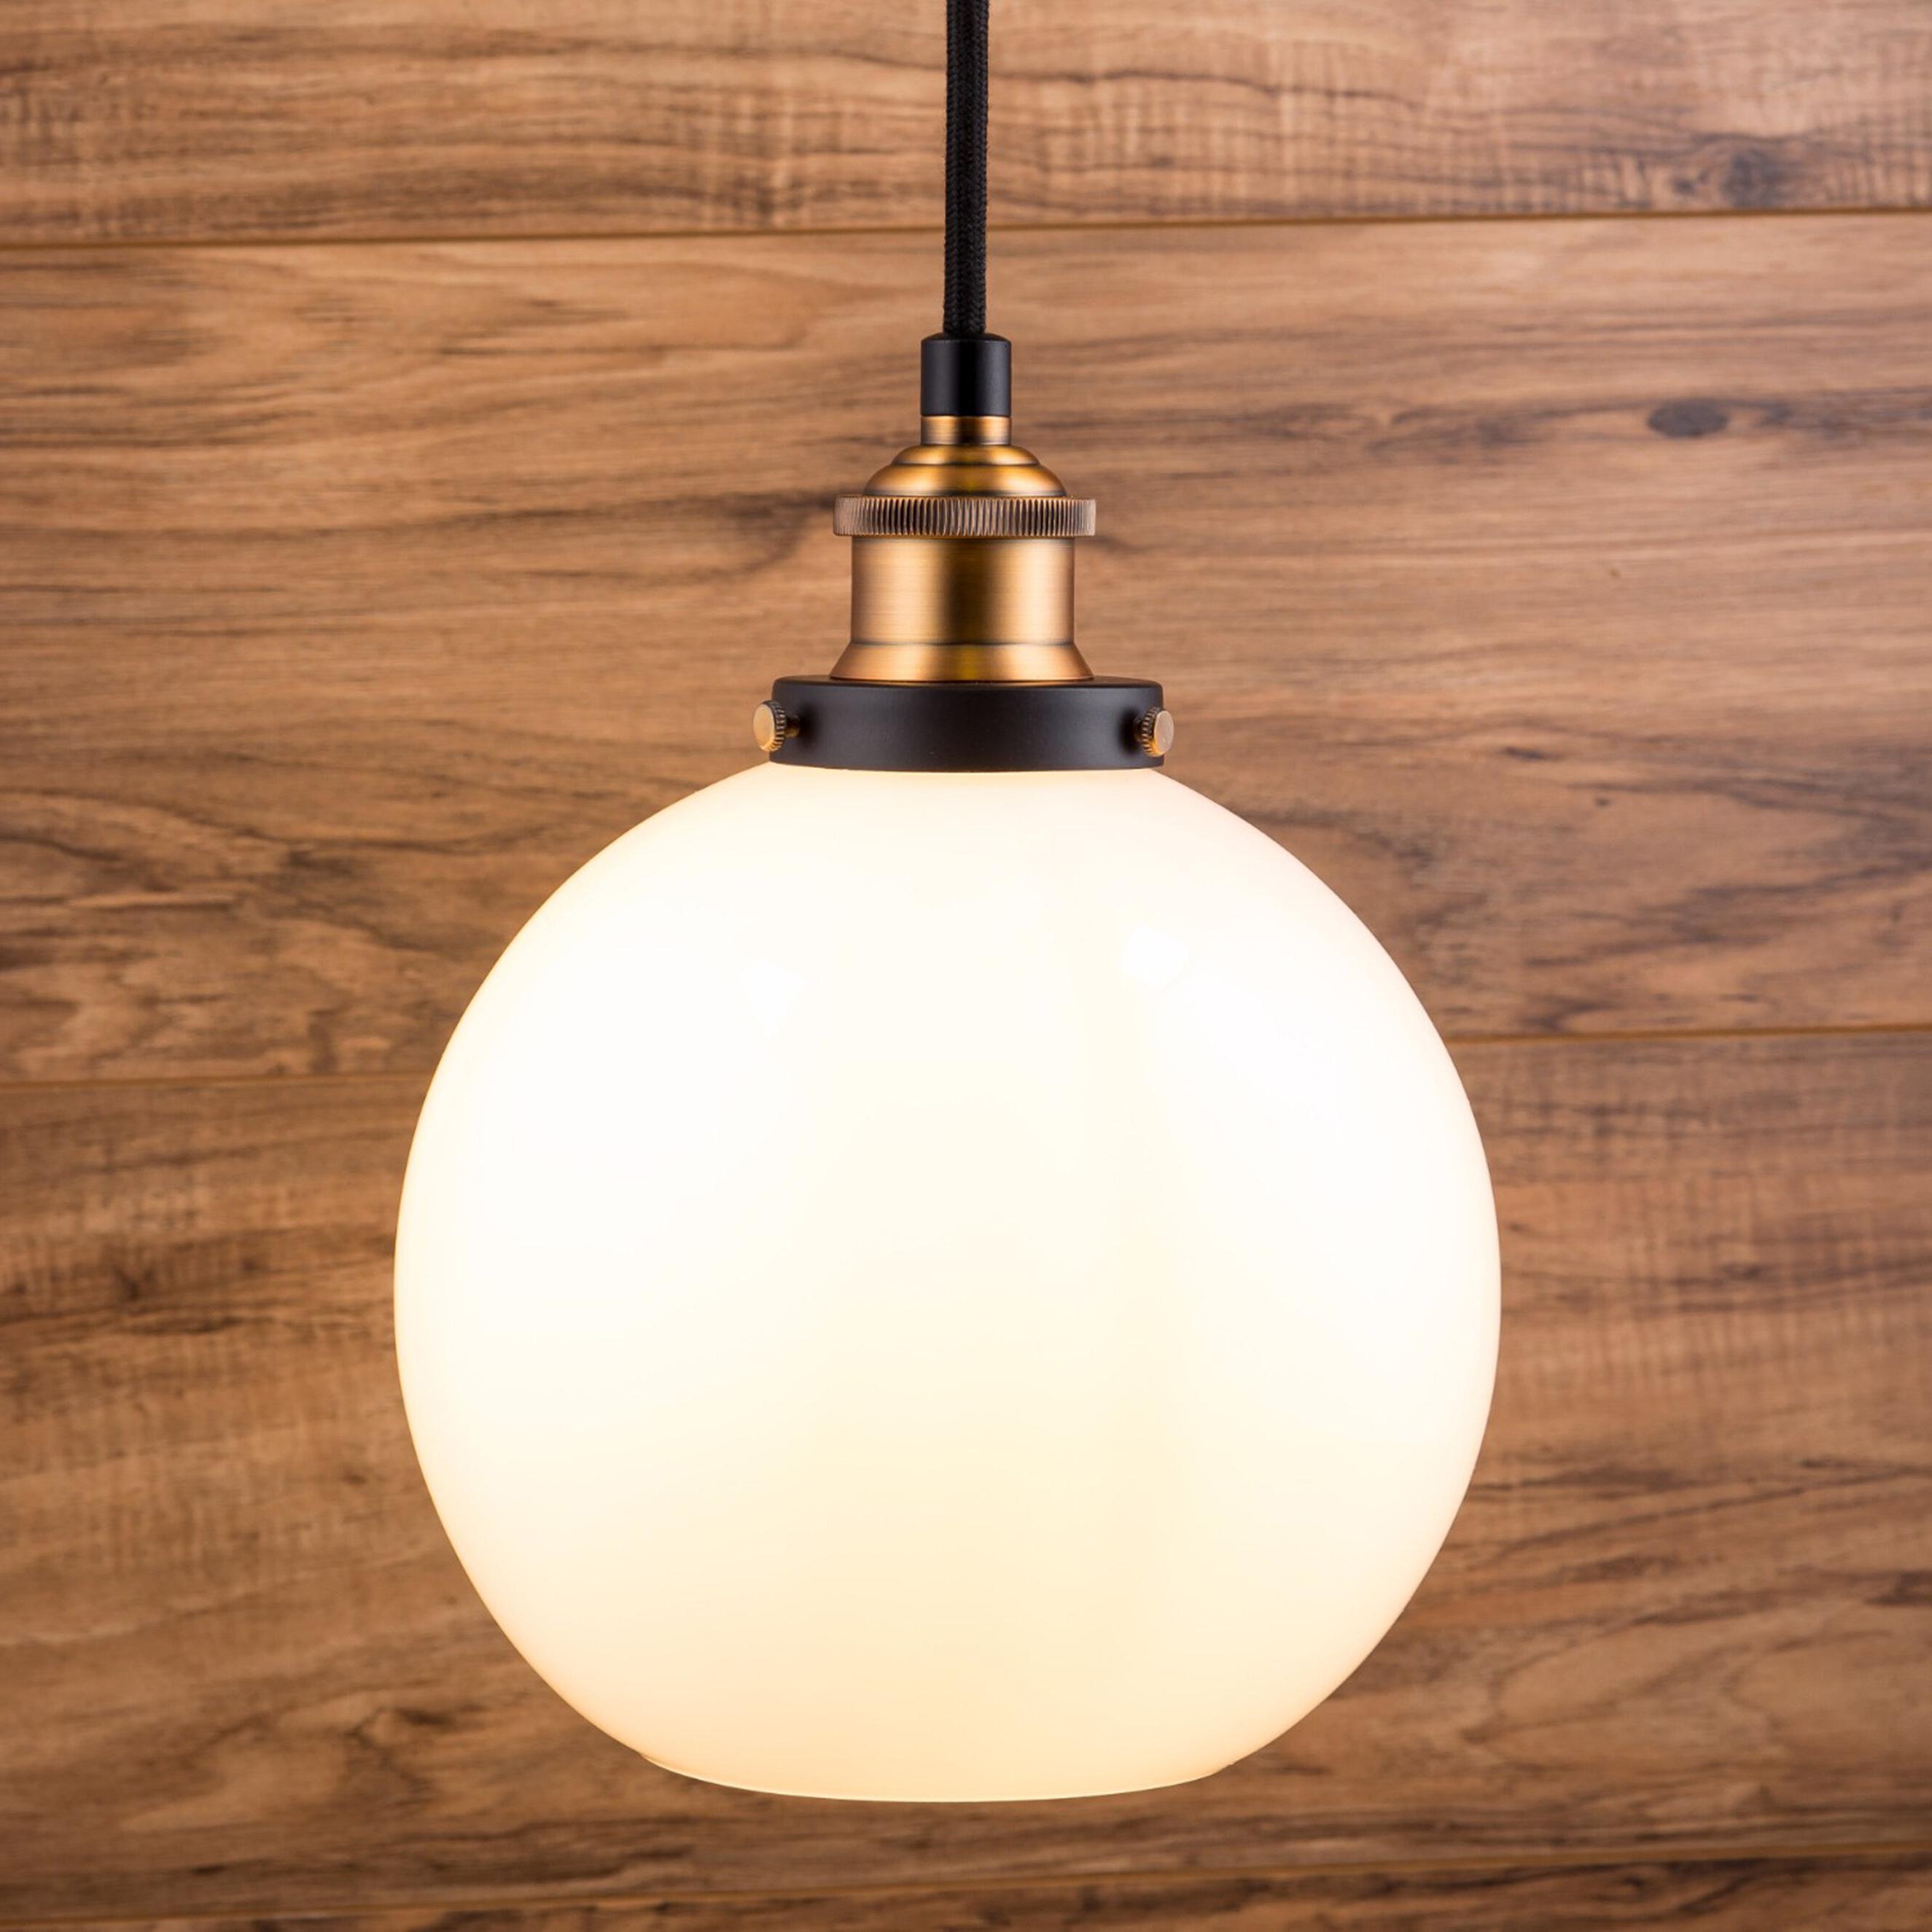 2020 Dunneback 1 Light Single Globe Pendant In Betsy 1 Light Single Globe Pendants (View 1 of 20)